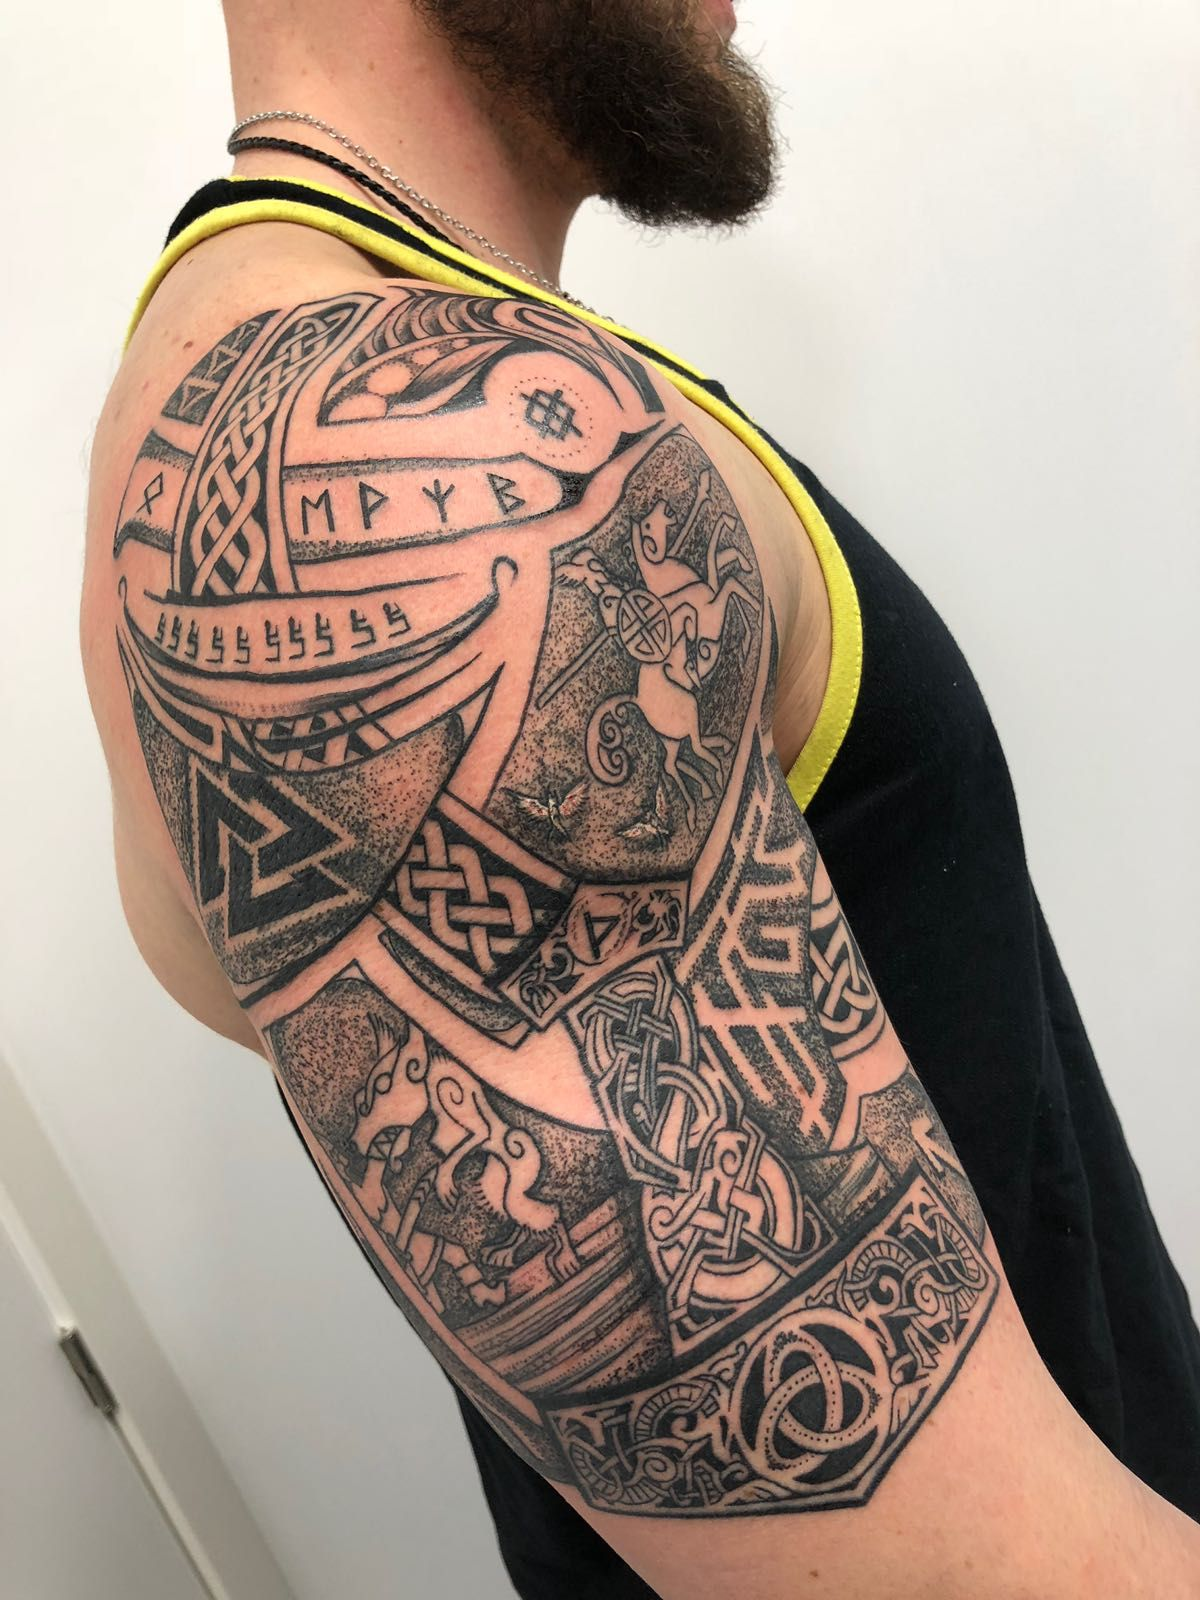 Brazo Vikingo Viking Tattoo Tatuaje Nórdico Tatuajes Vikingos Y